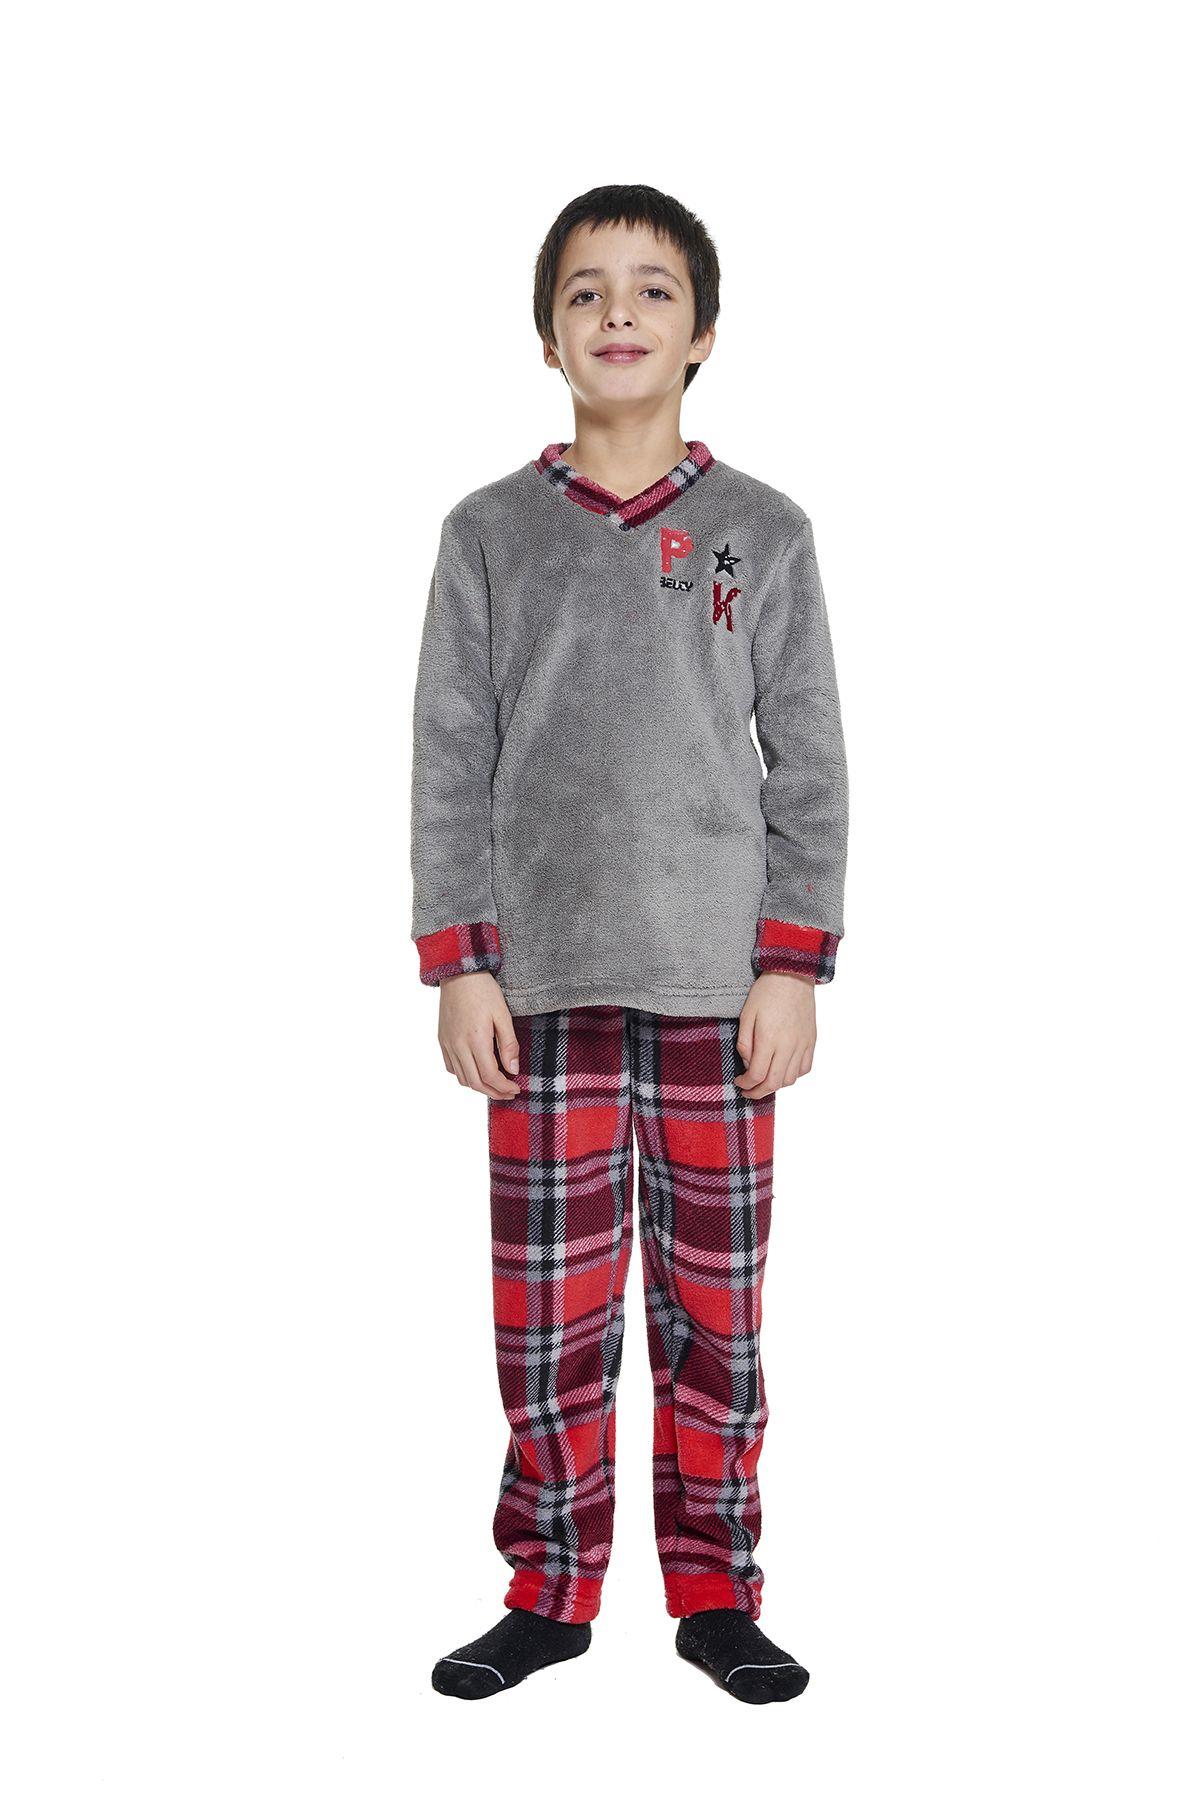 Modaintima Ropaintima Pijama Pijamanino Babes Ware Pjs